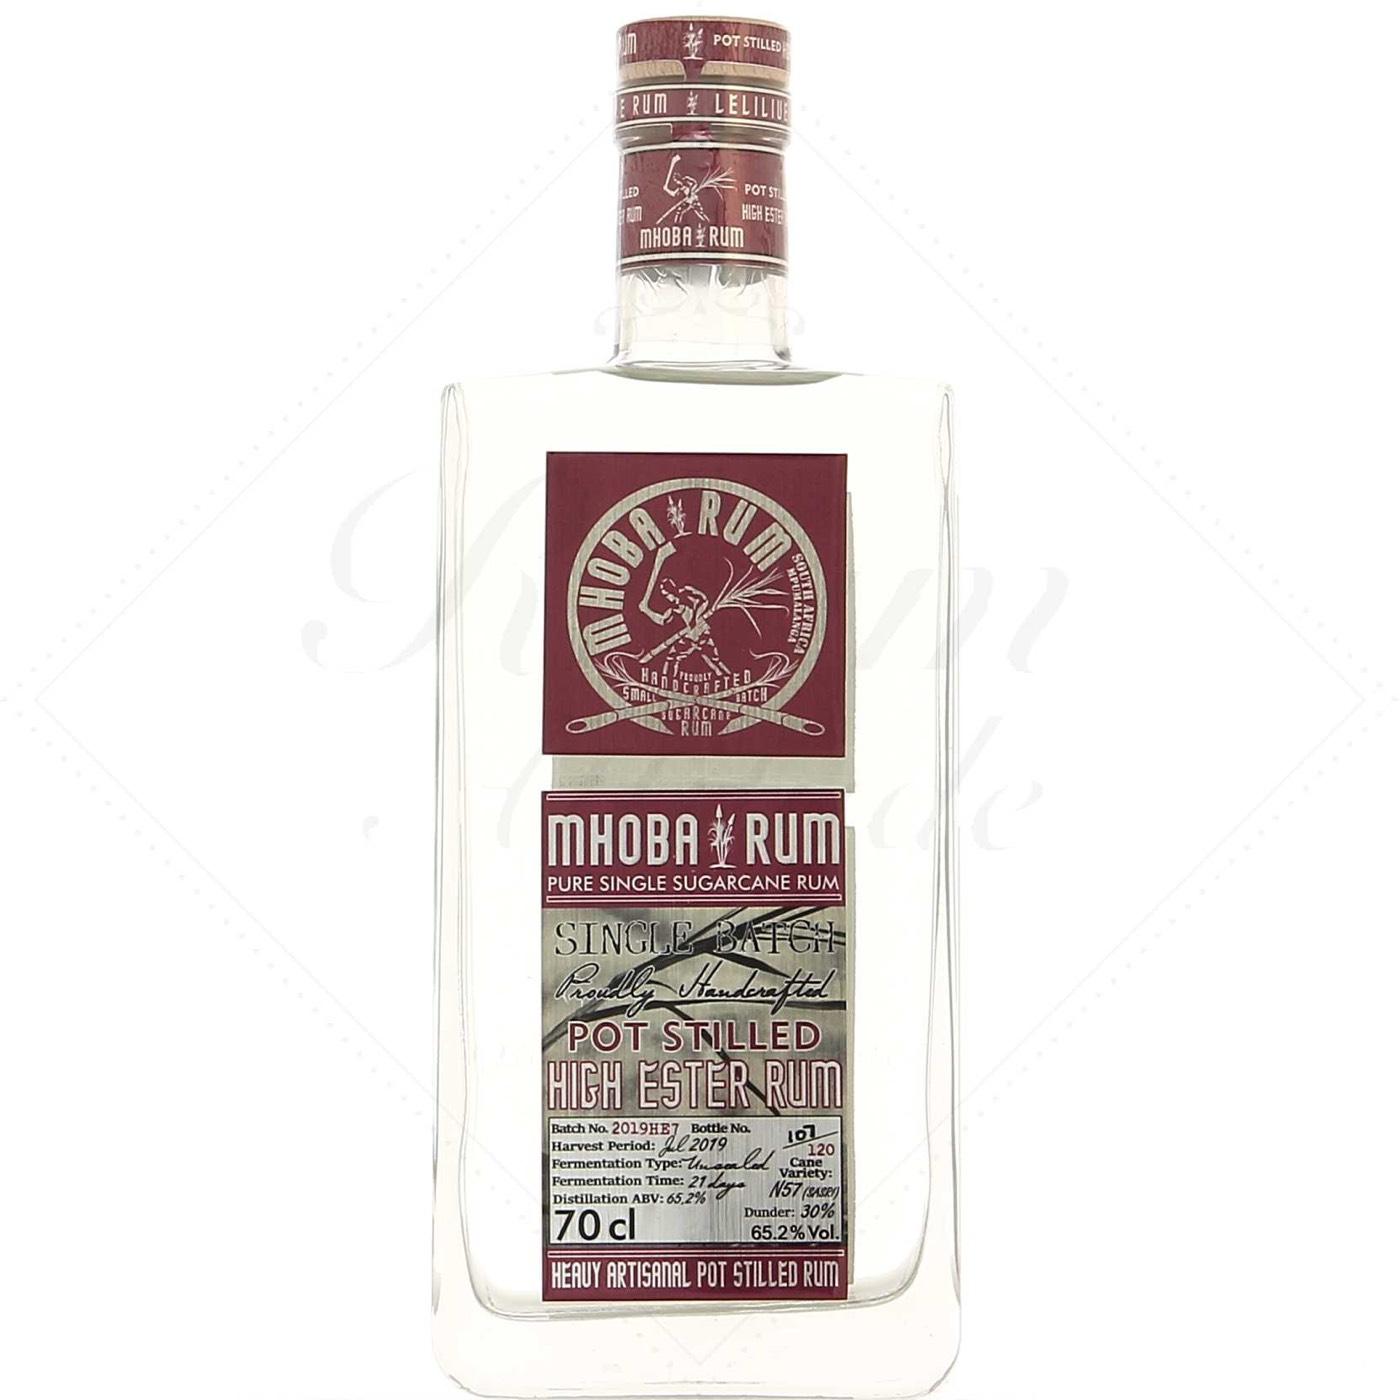 Bottle image of Pot Stilled High Ester Rum